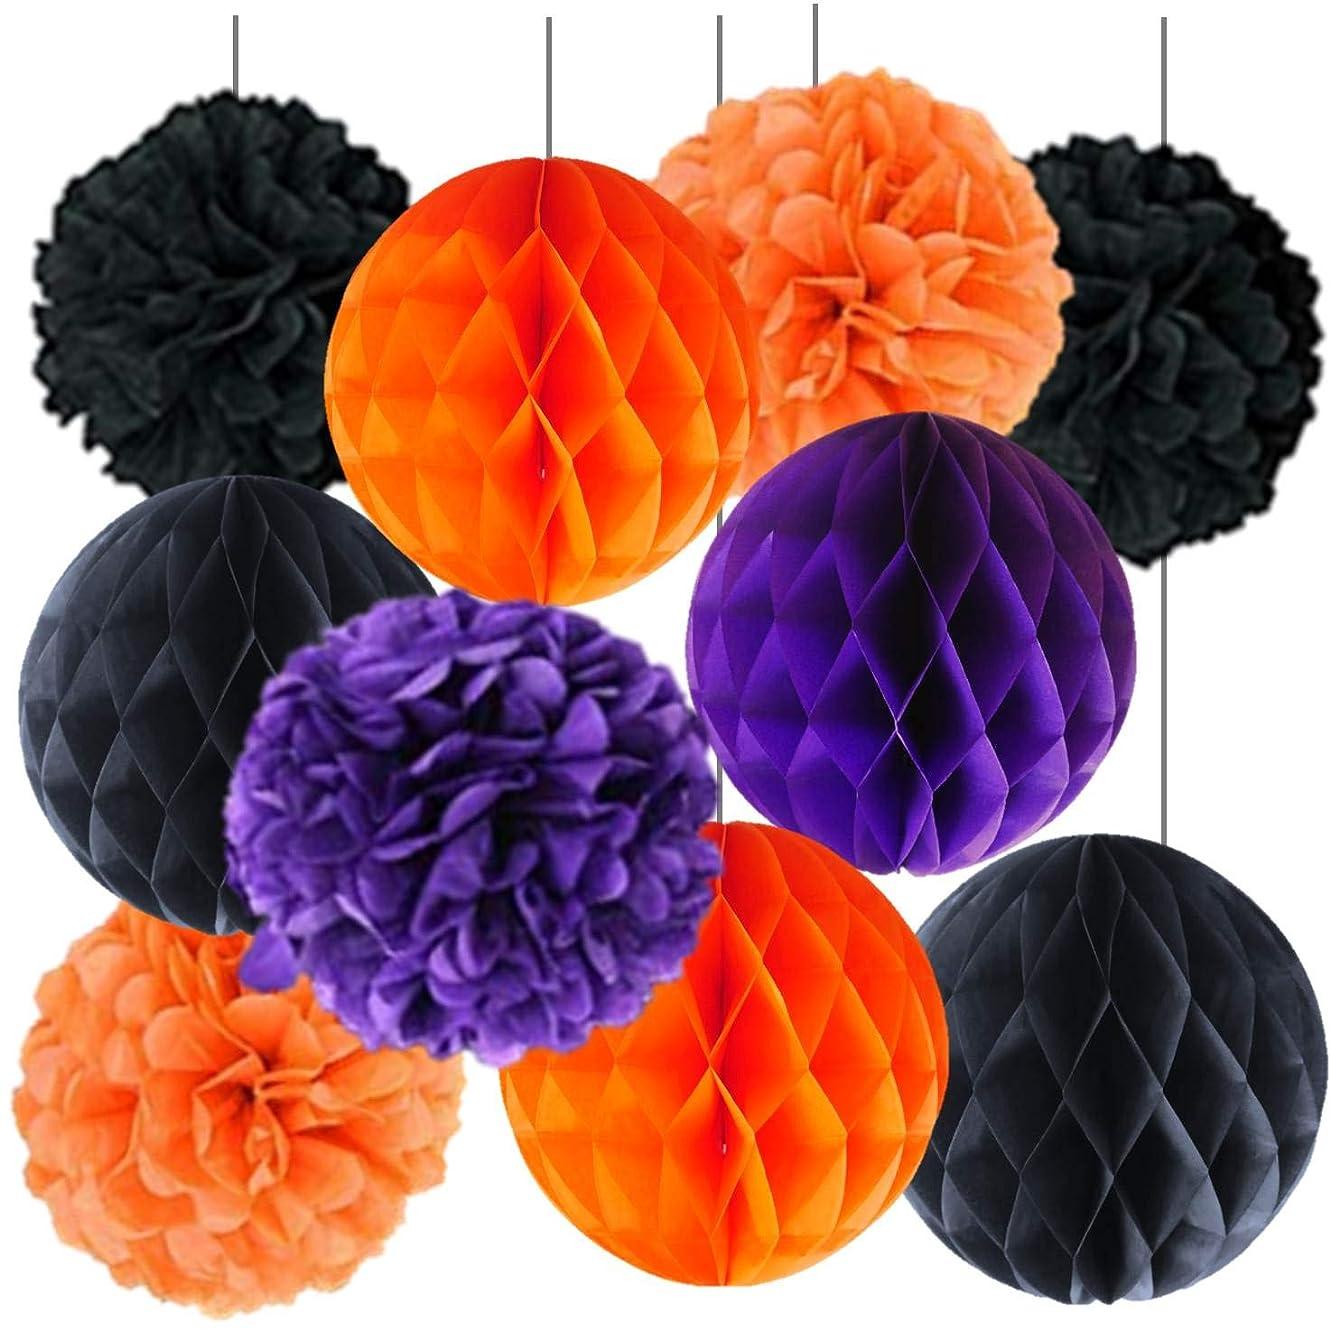 繁雑日常的に大いにハロウィン装飾 飾り Tetote Link ハニカムボール ボンボンフラワー デコレーション s011 (橙+黒+(紫))